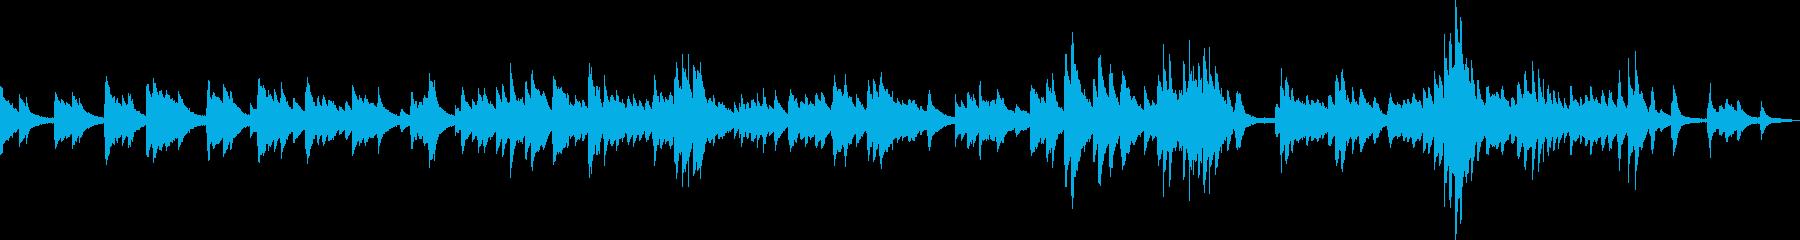 静かで感動的なピアノバラードの再生済みの波形